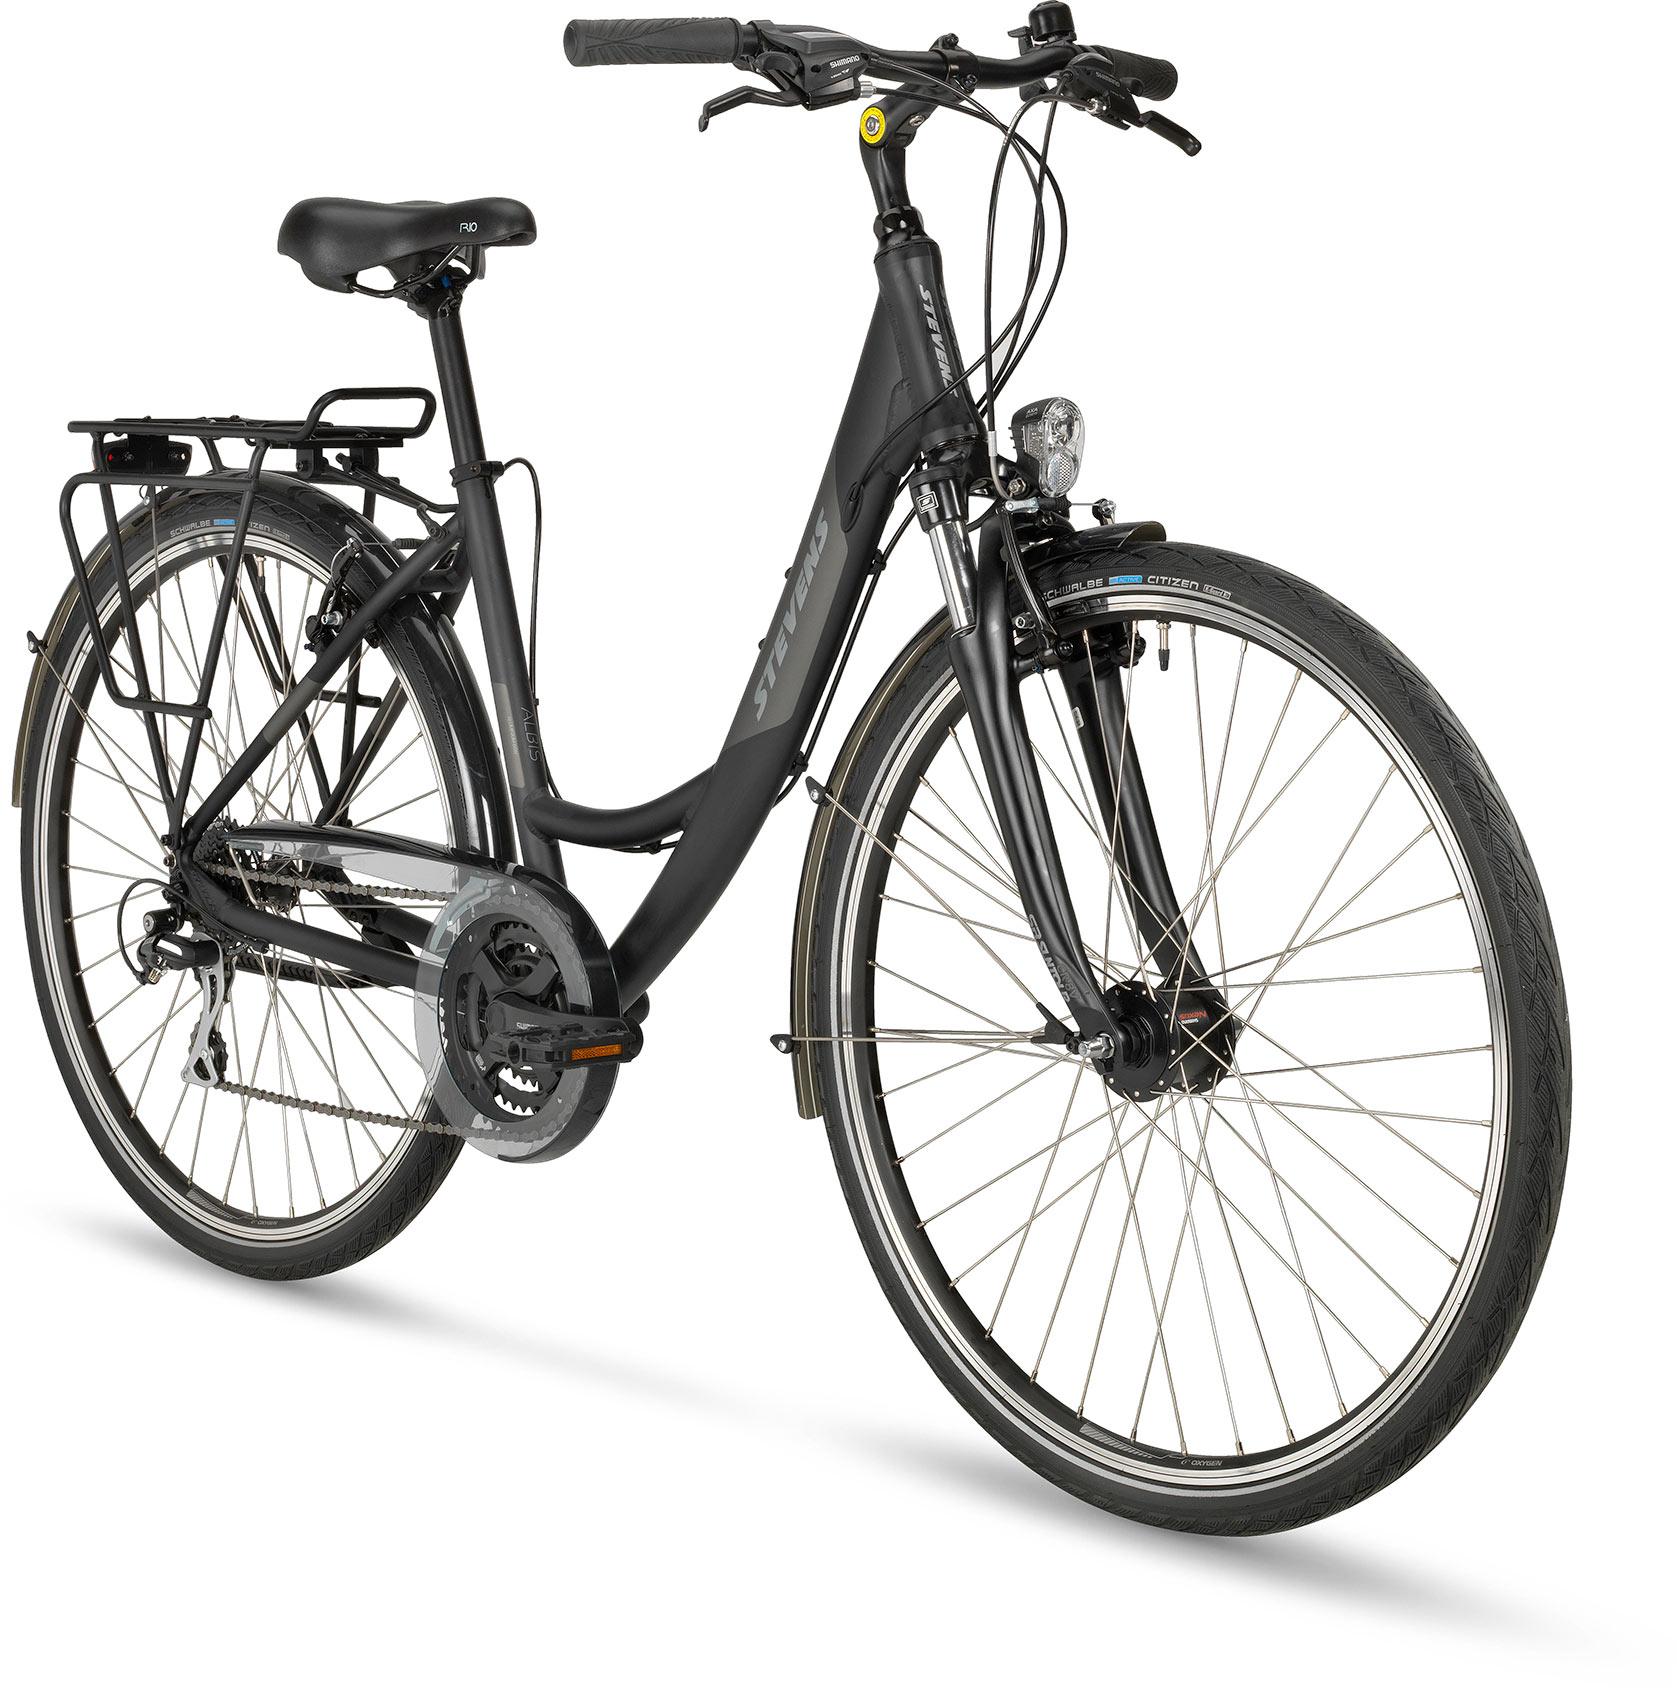 albis forma stevens bikes 2018. Black Bedroom Furniture Sets. Home Design Ideas